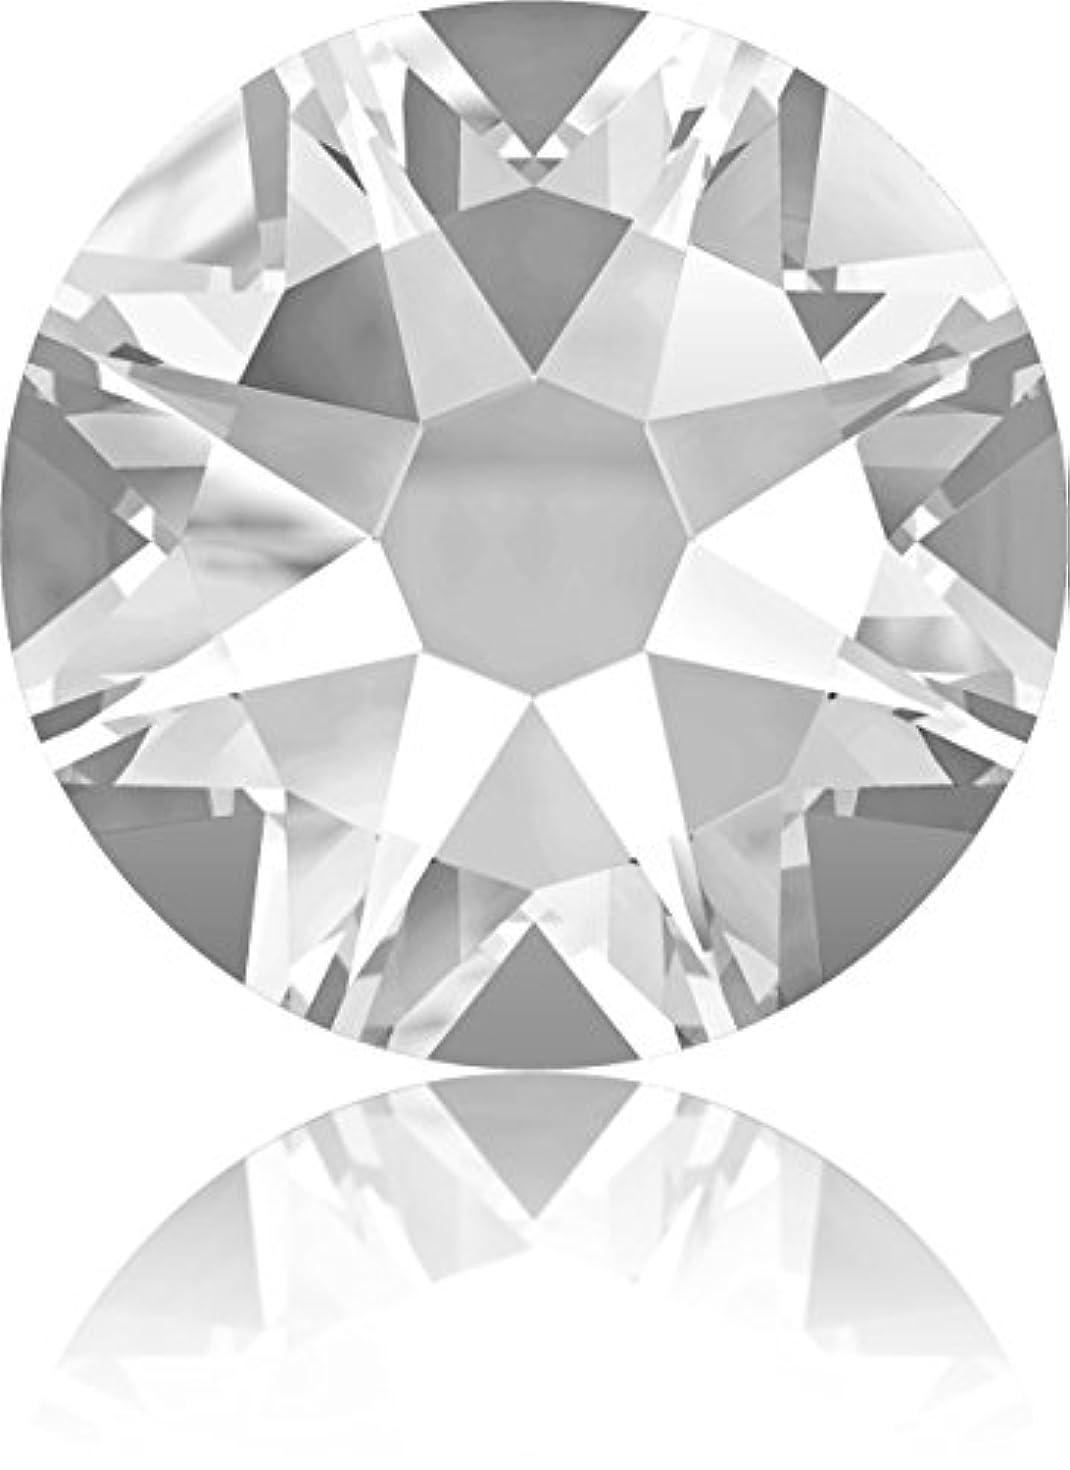 拷問エレガント粉砕するネイルアートパーツ SS20 クリスタル1440P